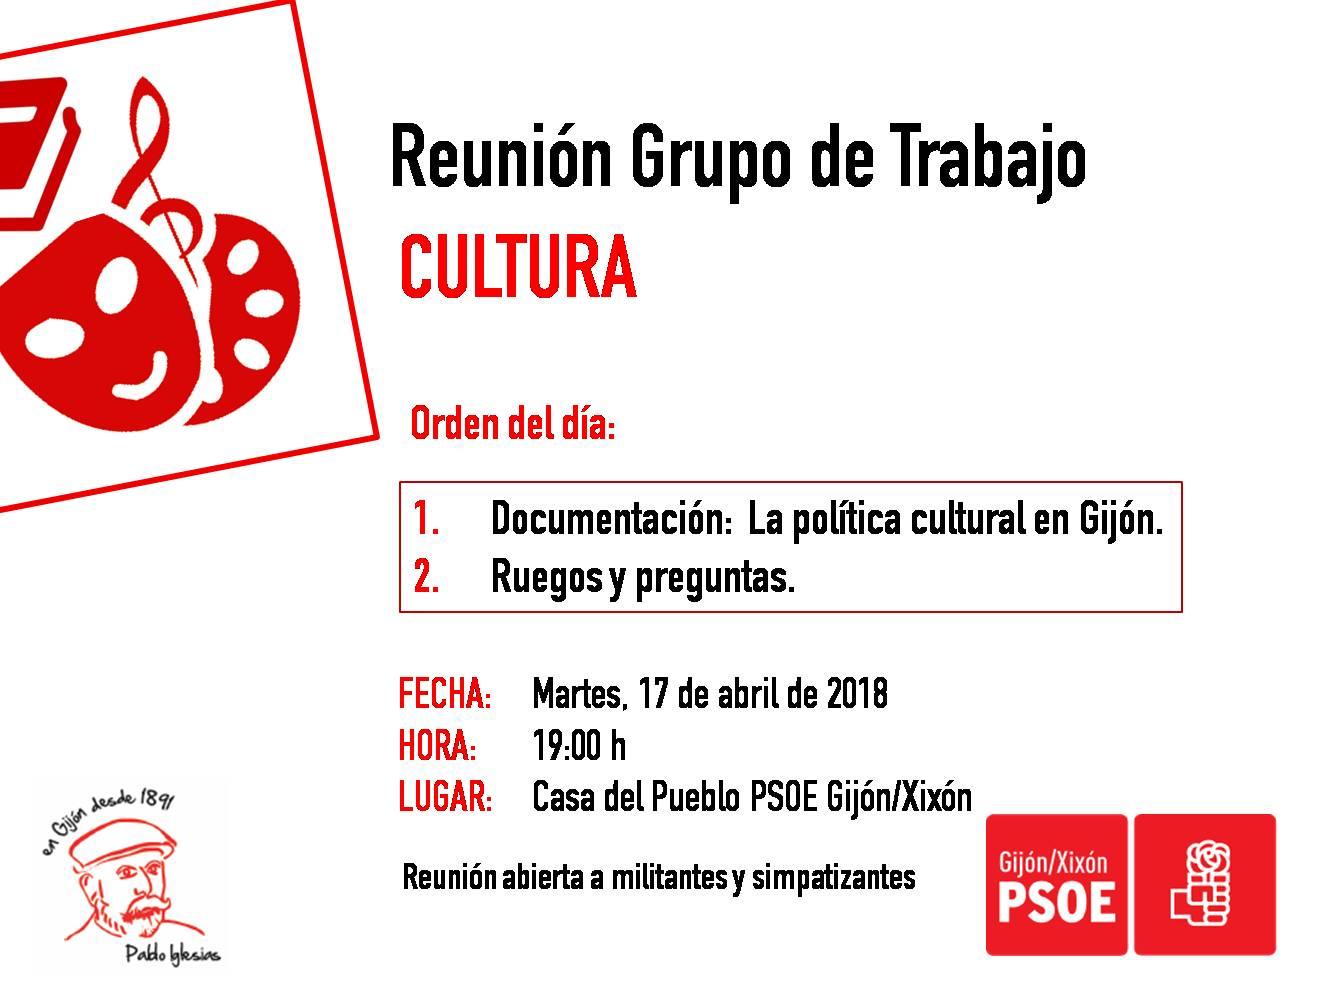 180417_ReuniónGT_Cultura